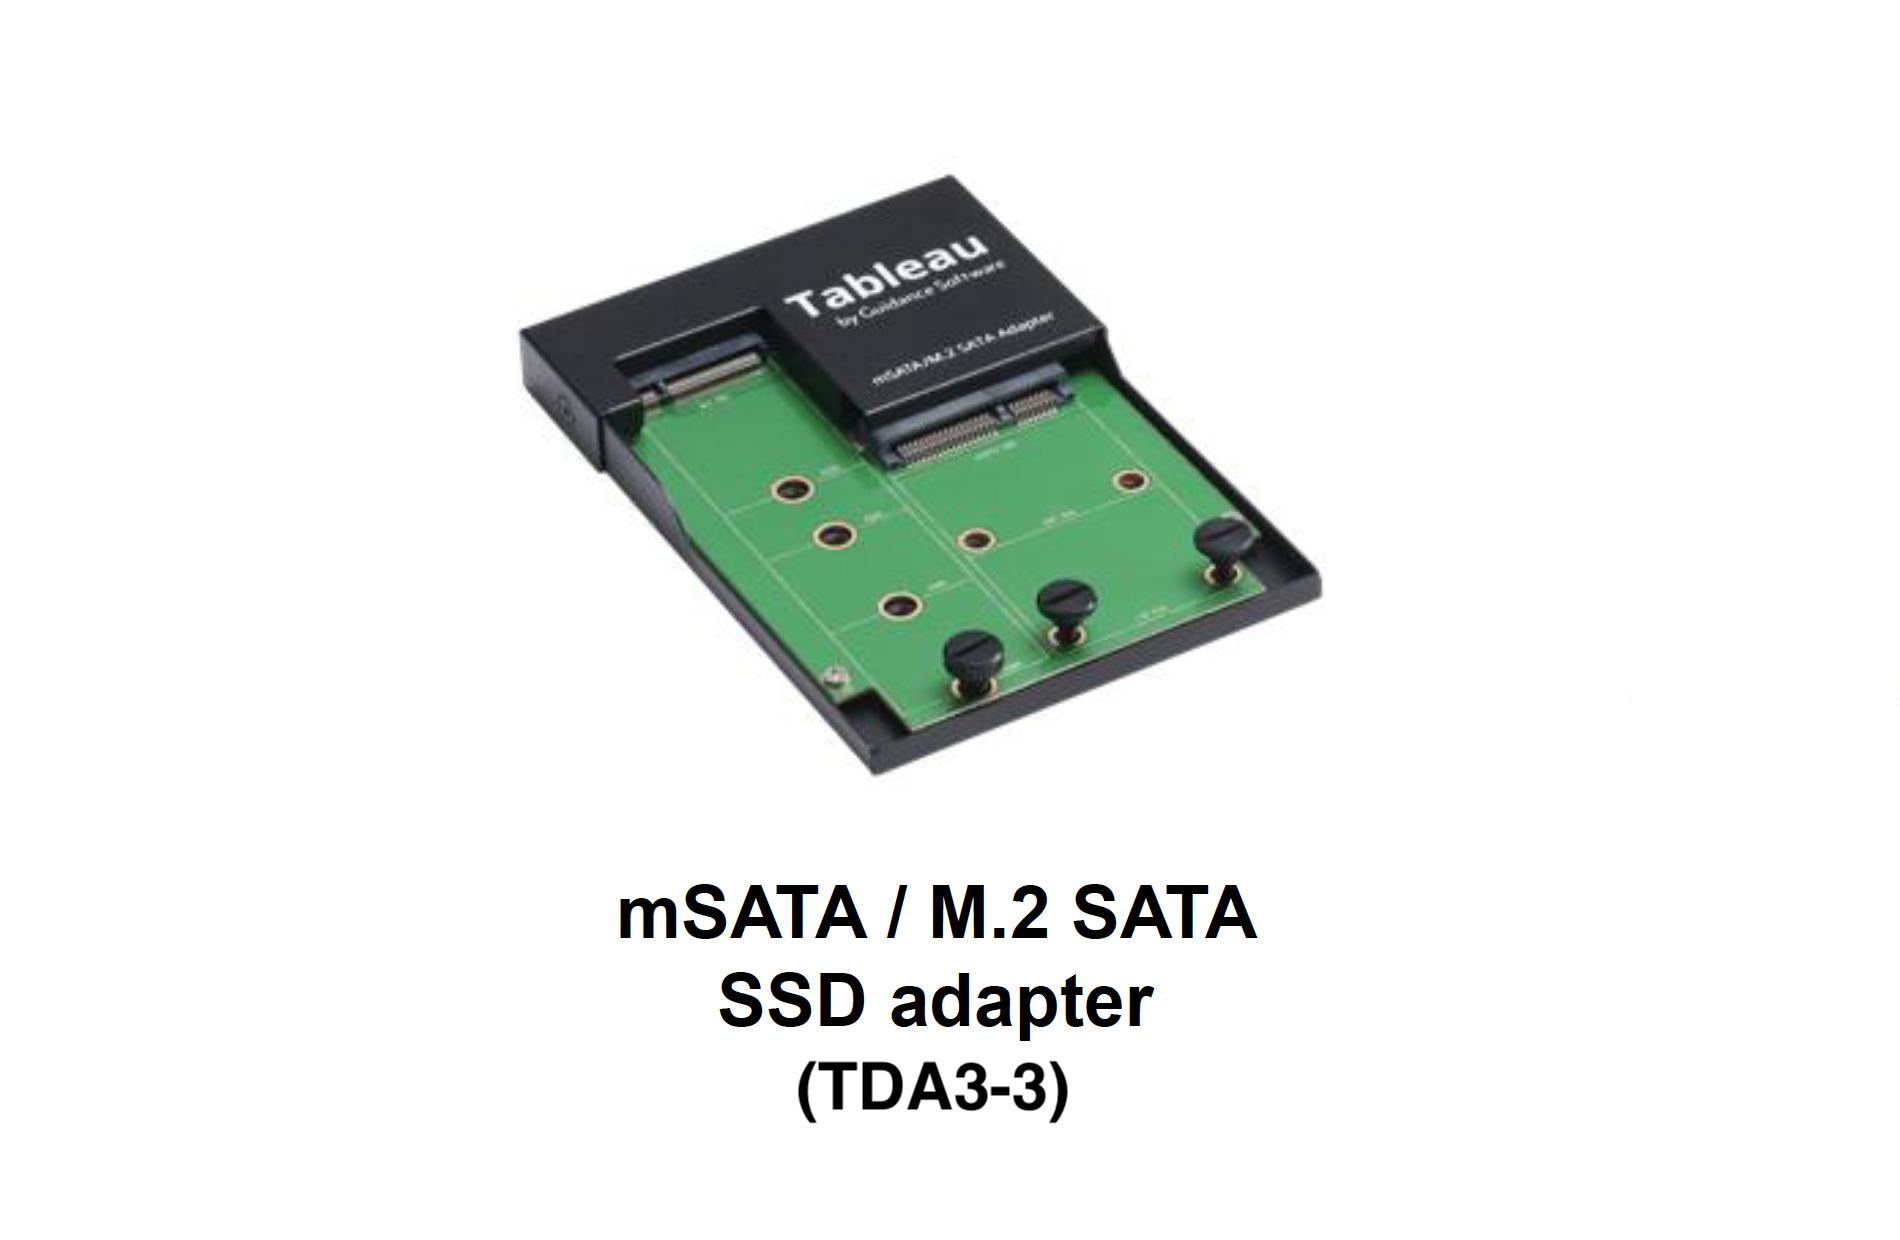 Picture of TDA3-3 mSATA / M.2 SATA SSD Adapter